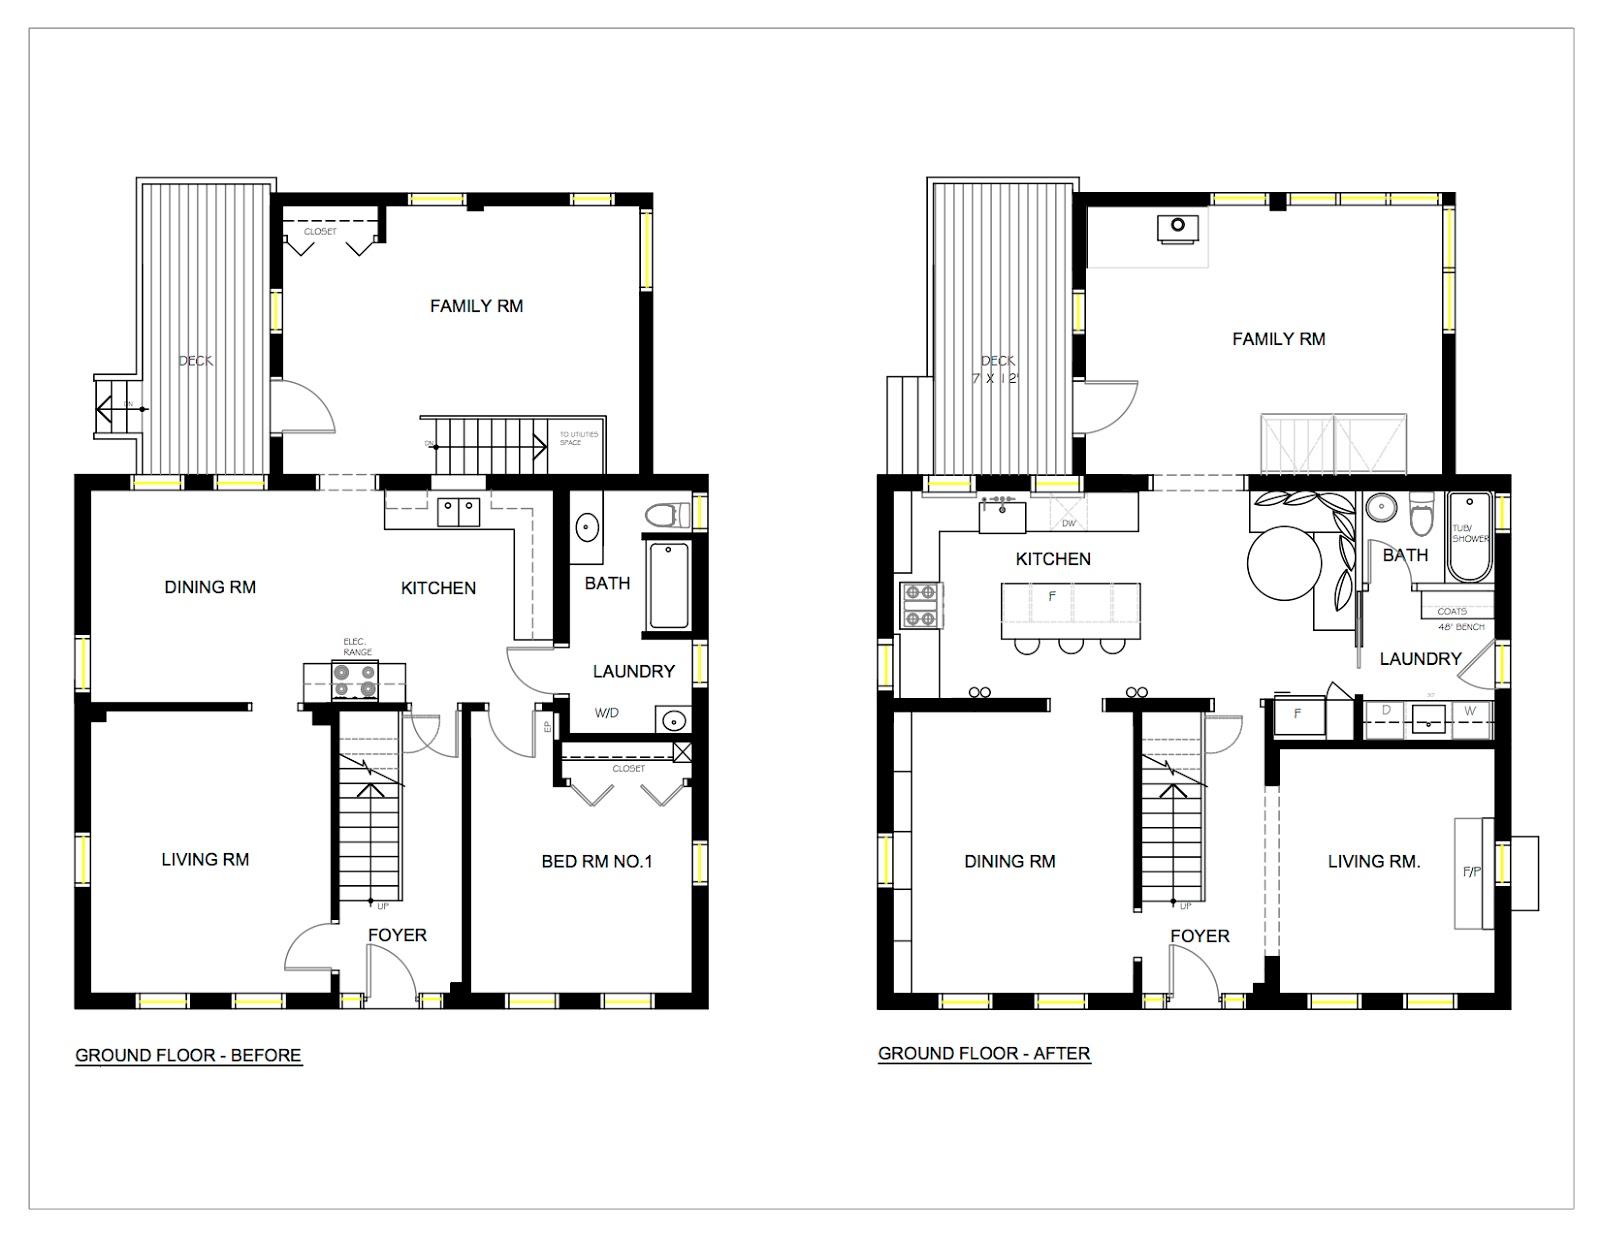 electrical plan of 2 storey house wiring diagramelectrical plan for two storey house wiring library [ 1600 x 1236 Pixel ]